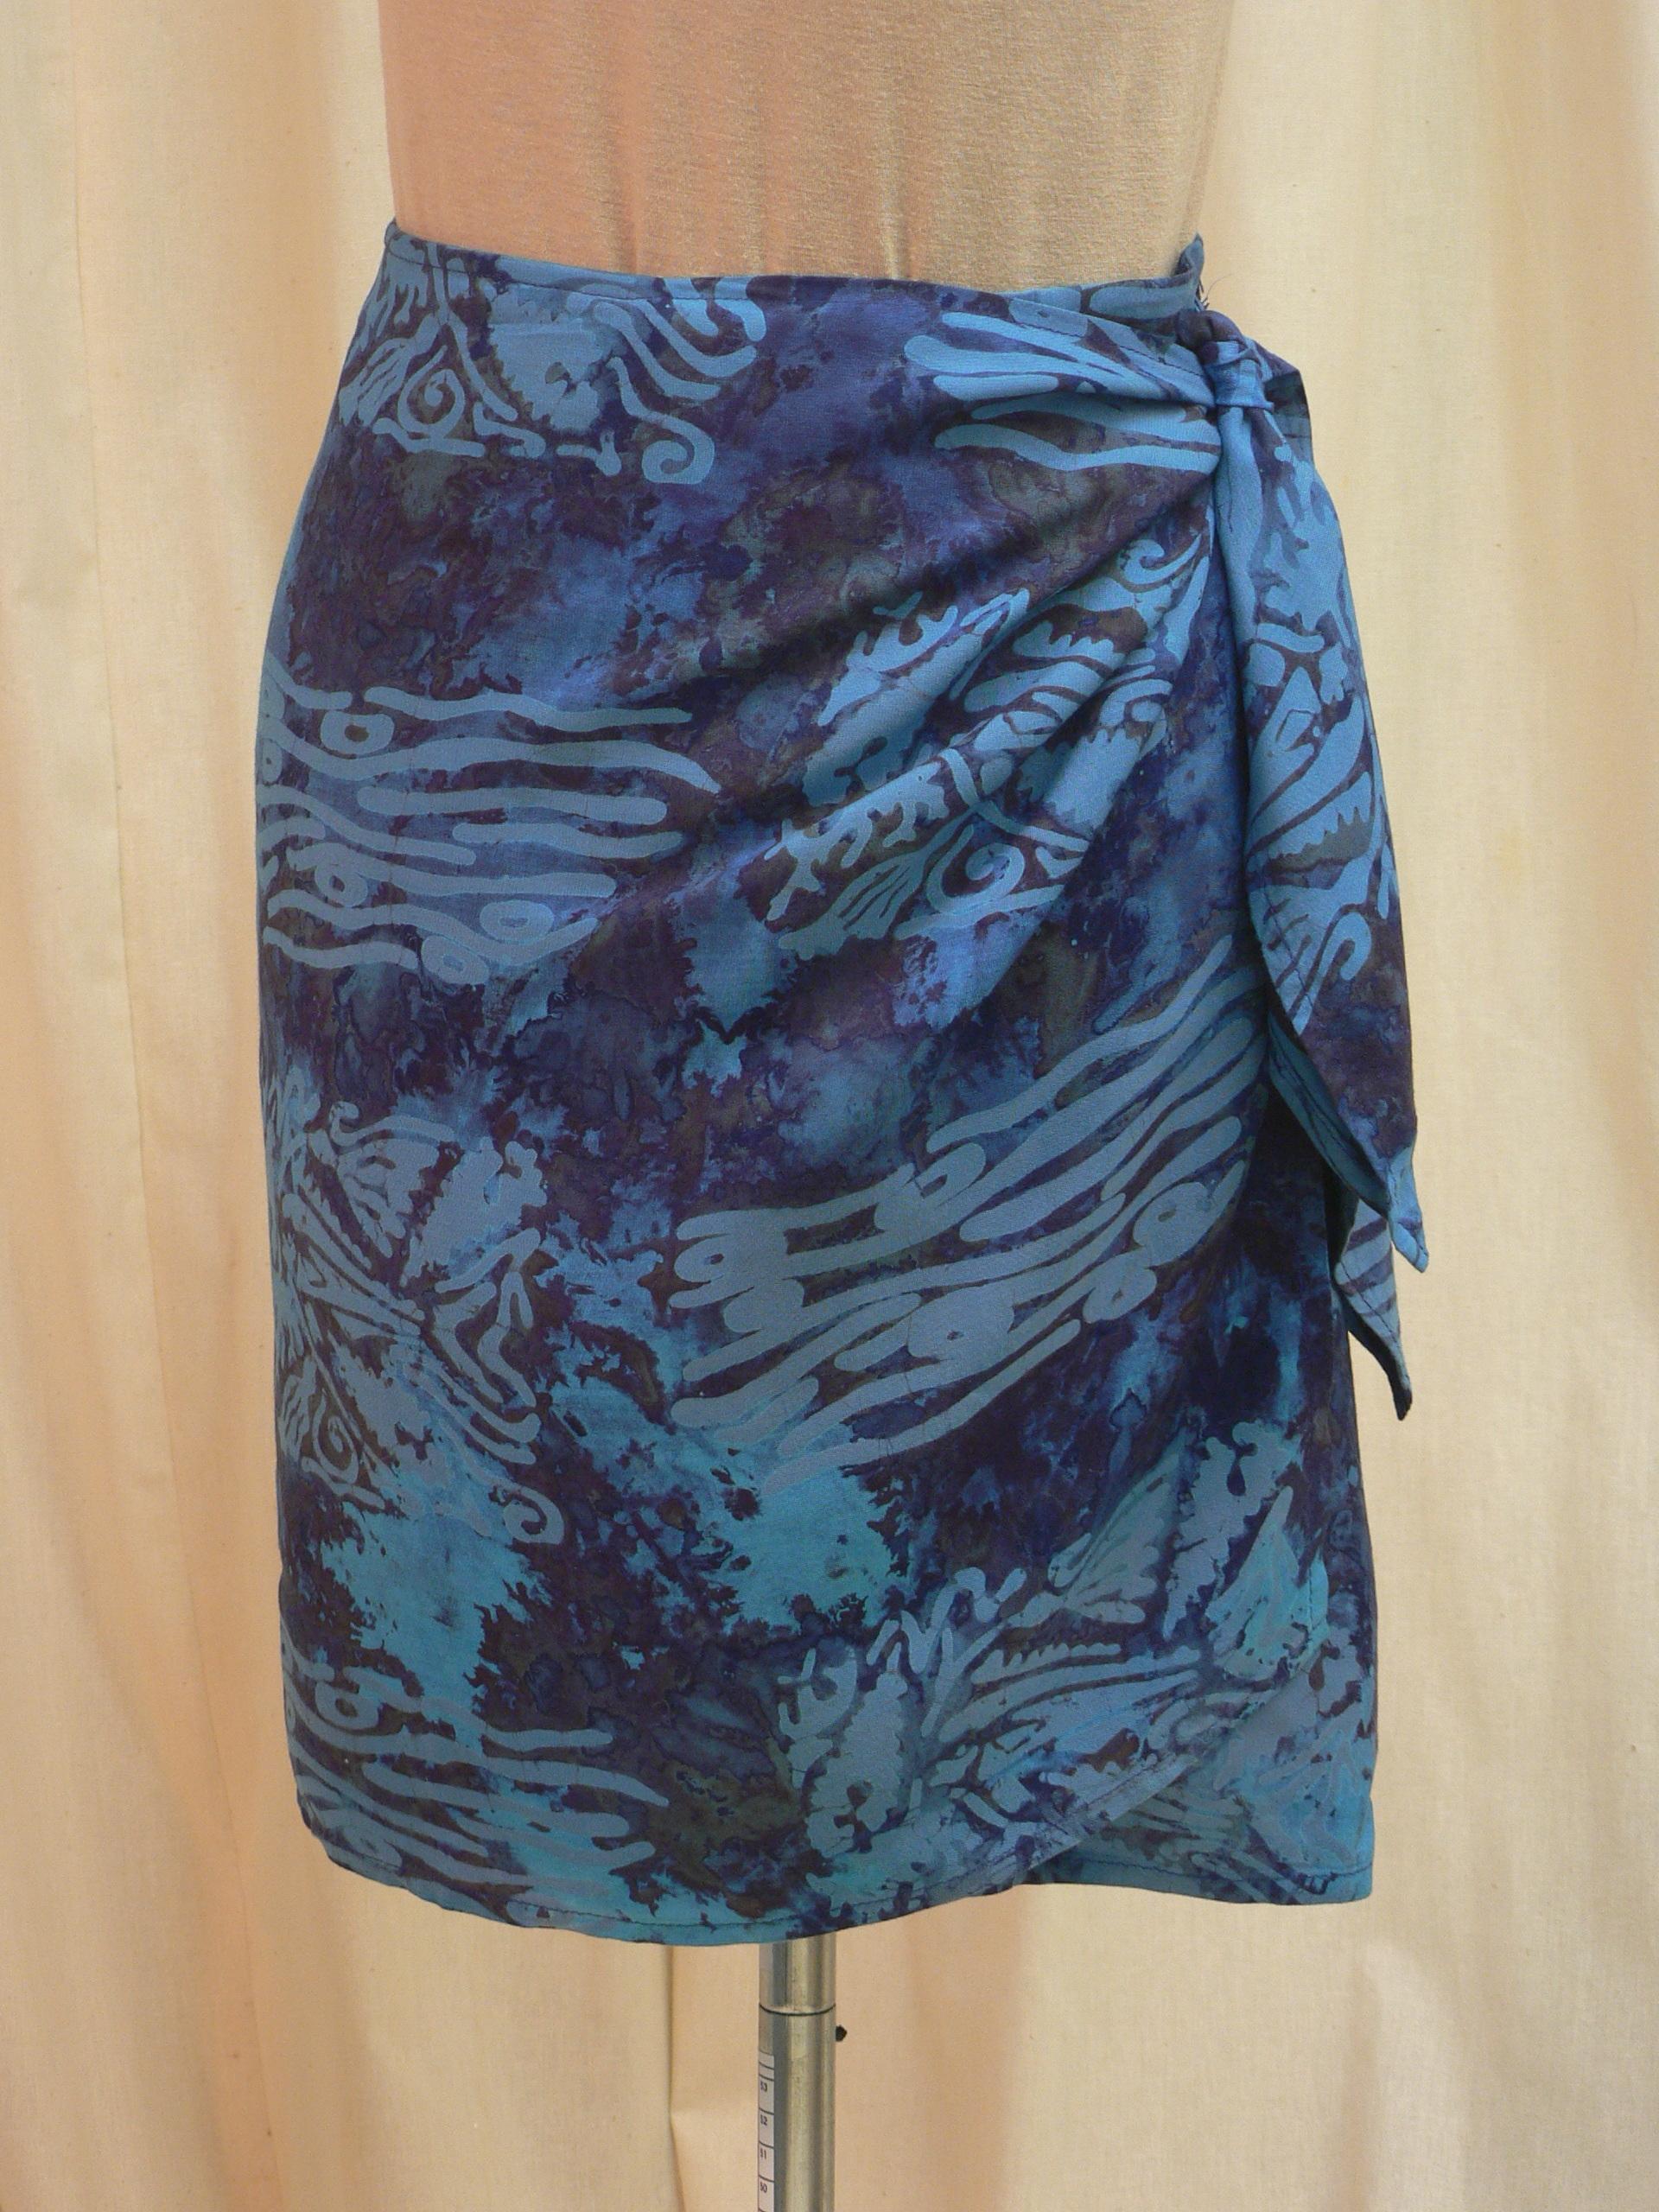 skirt10_front.JPG